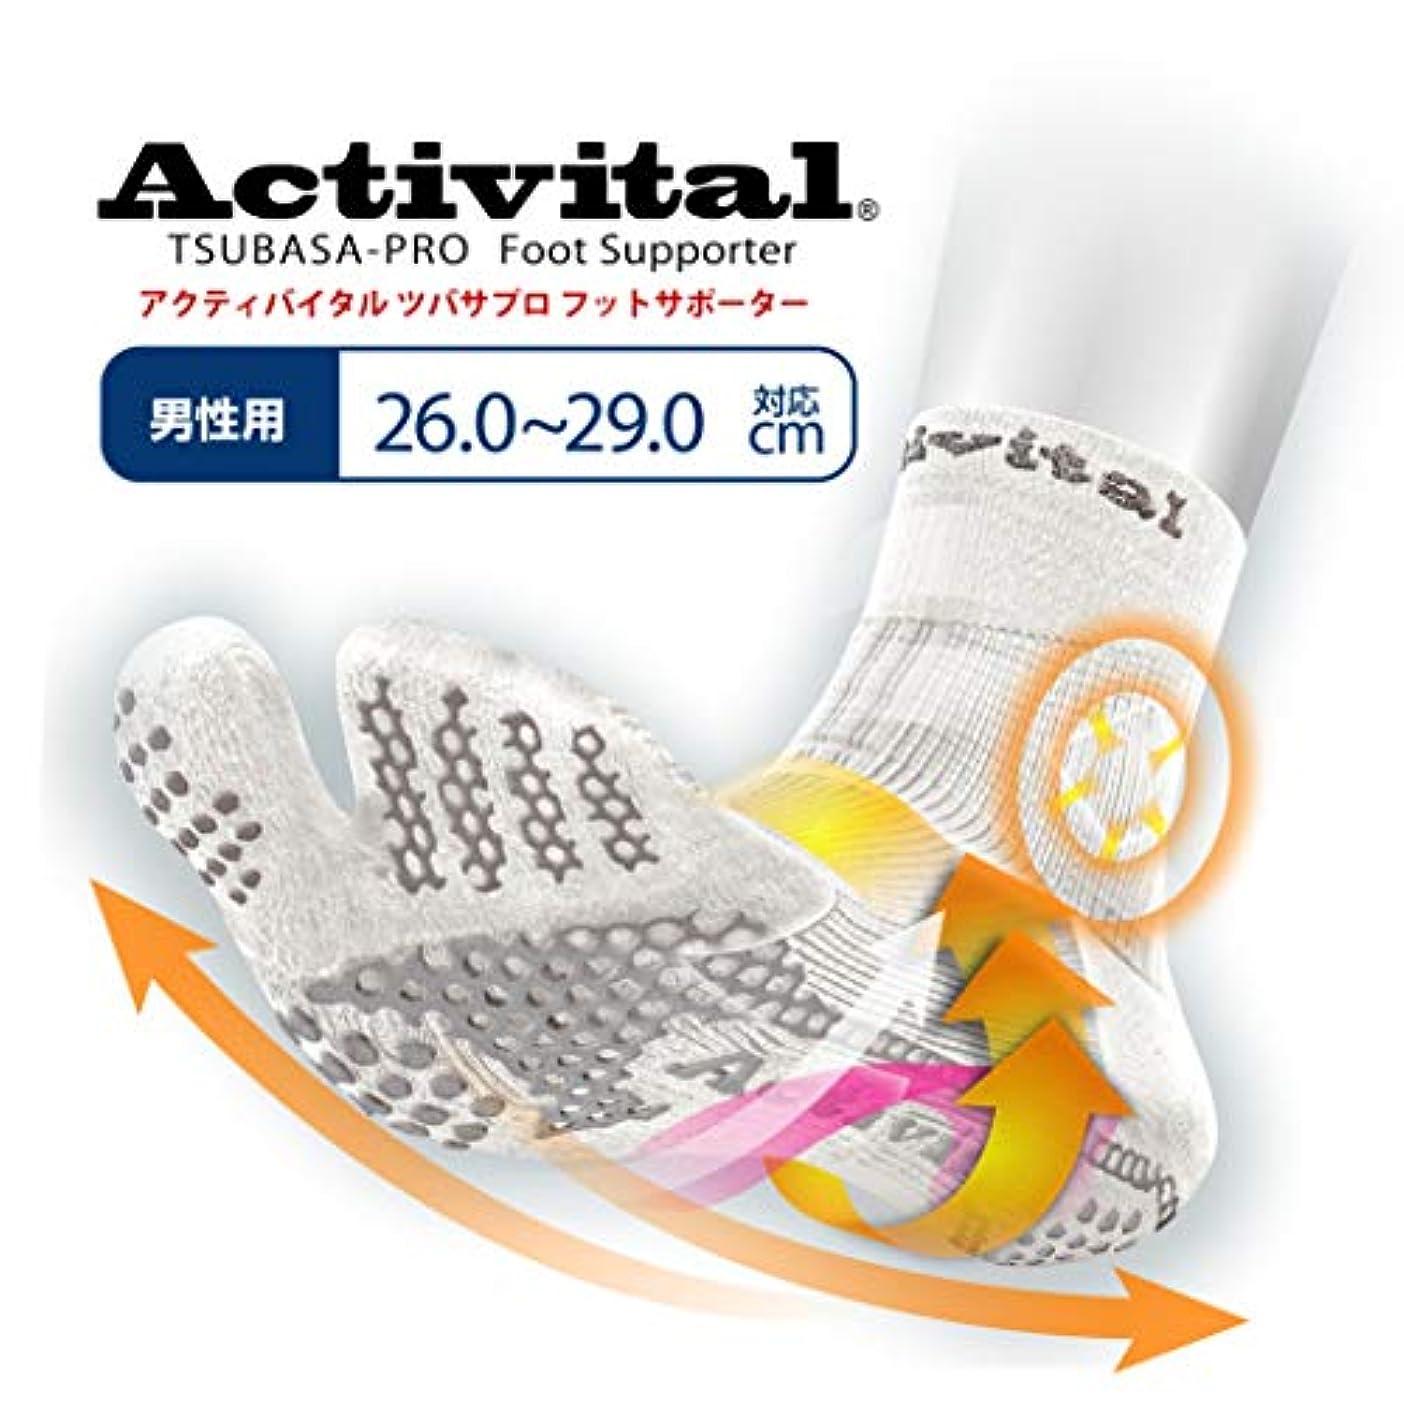 有害なダース方言Activital アクティバイタル ツバサプロ フットサポーター メンズ ホワイト26~29cm